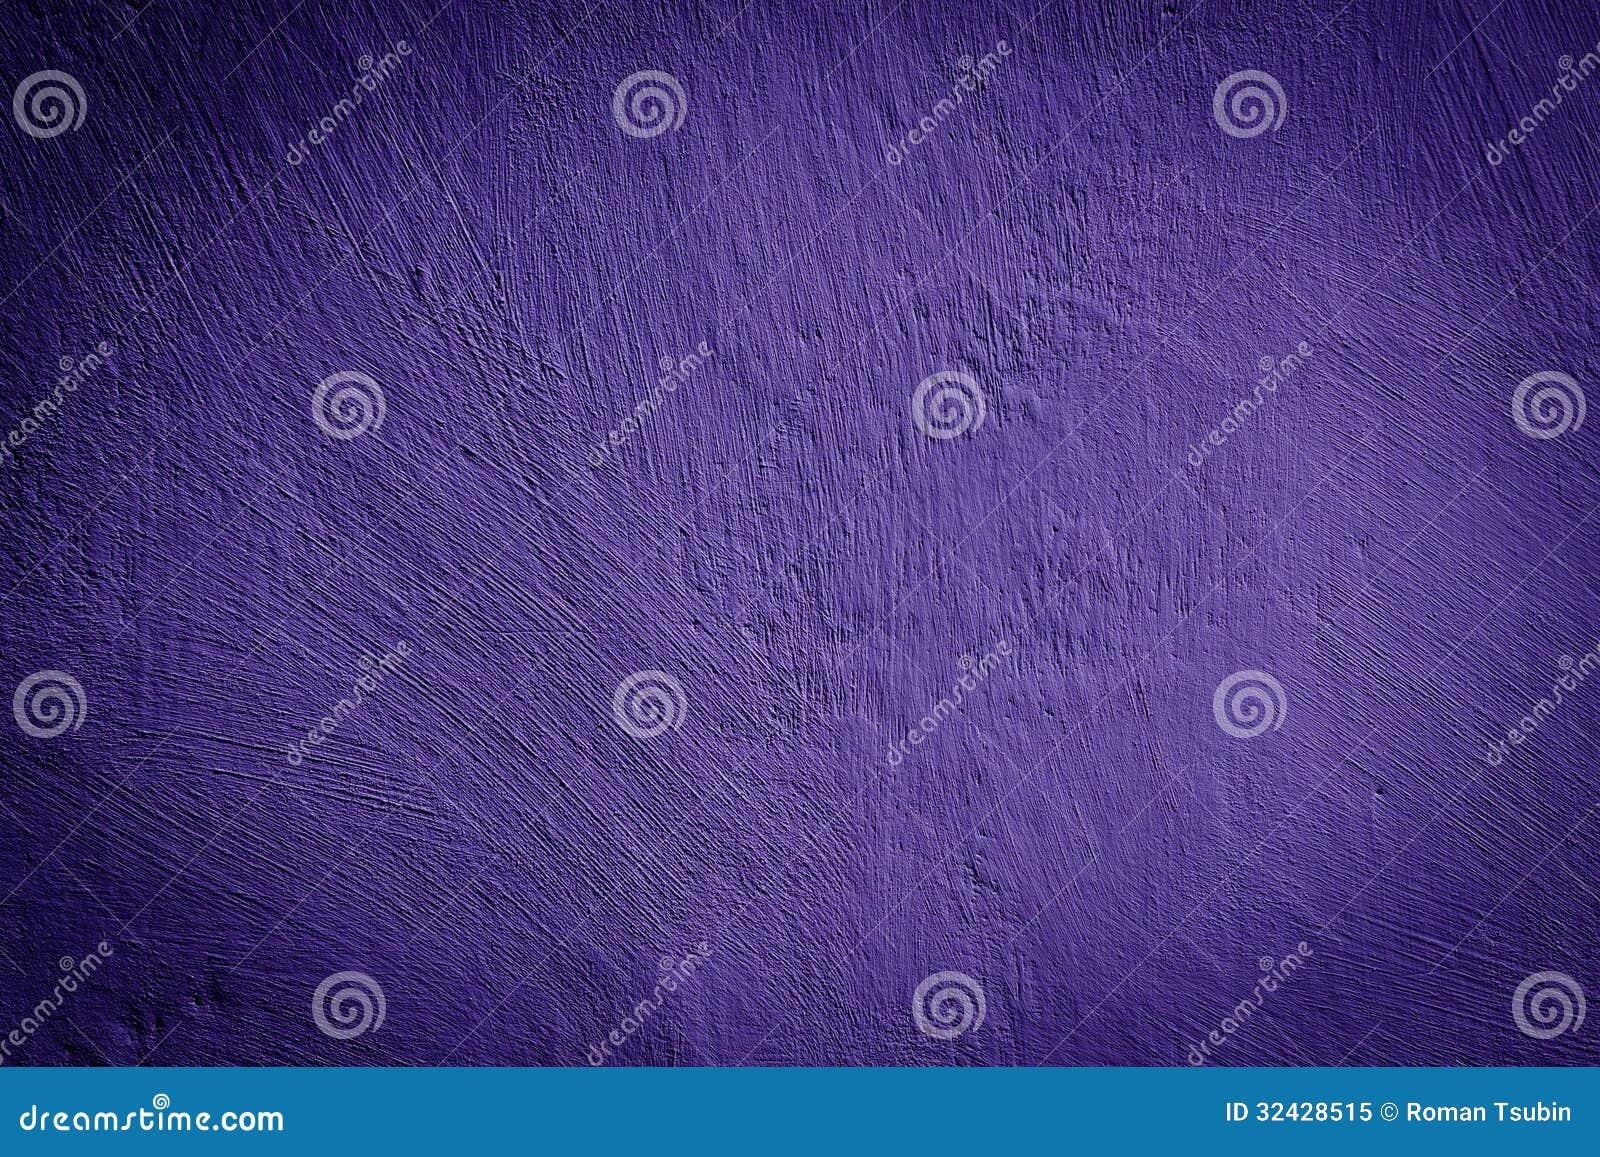 elegant purple backgrounds - photo #48